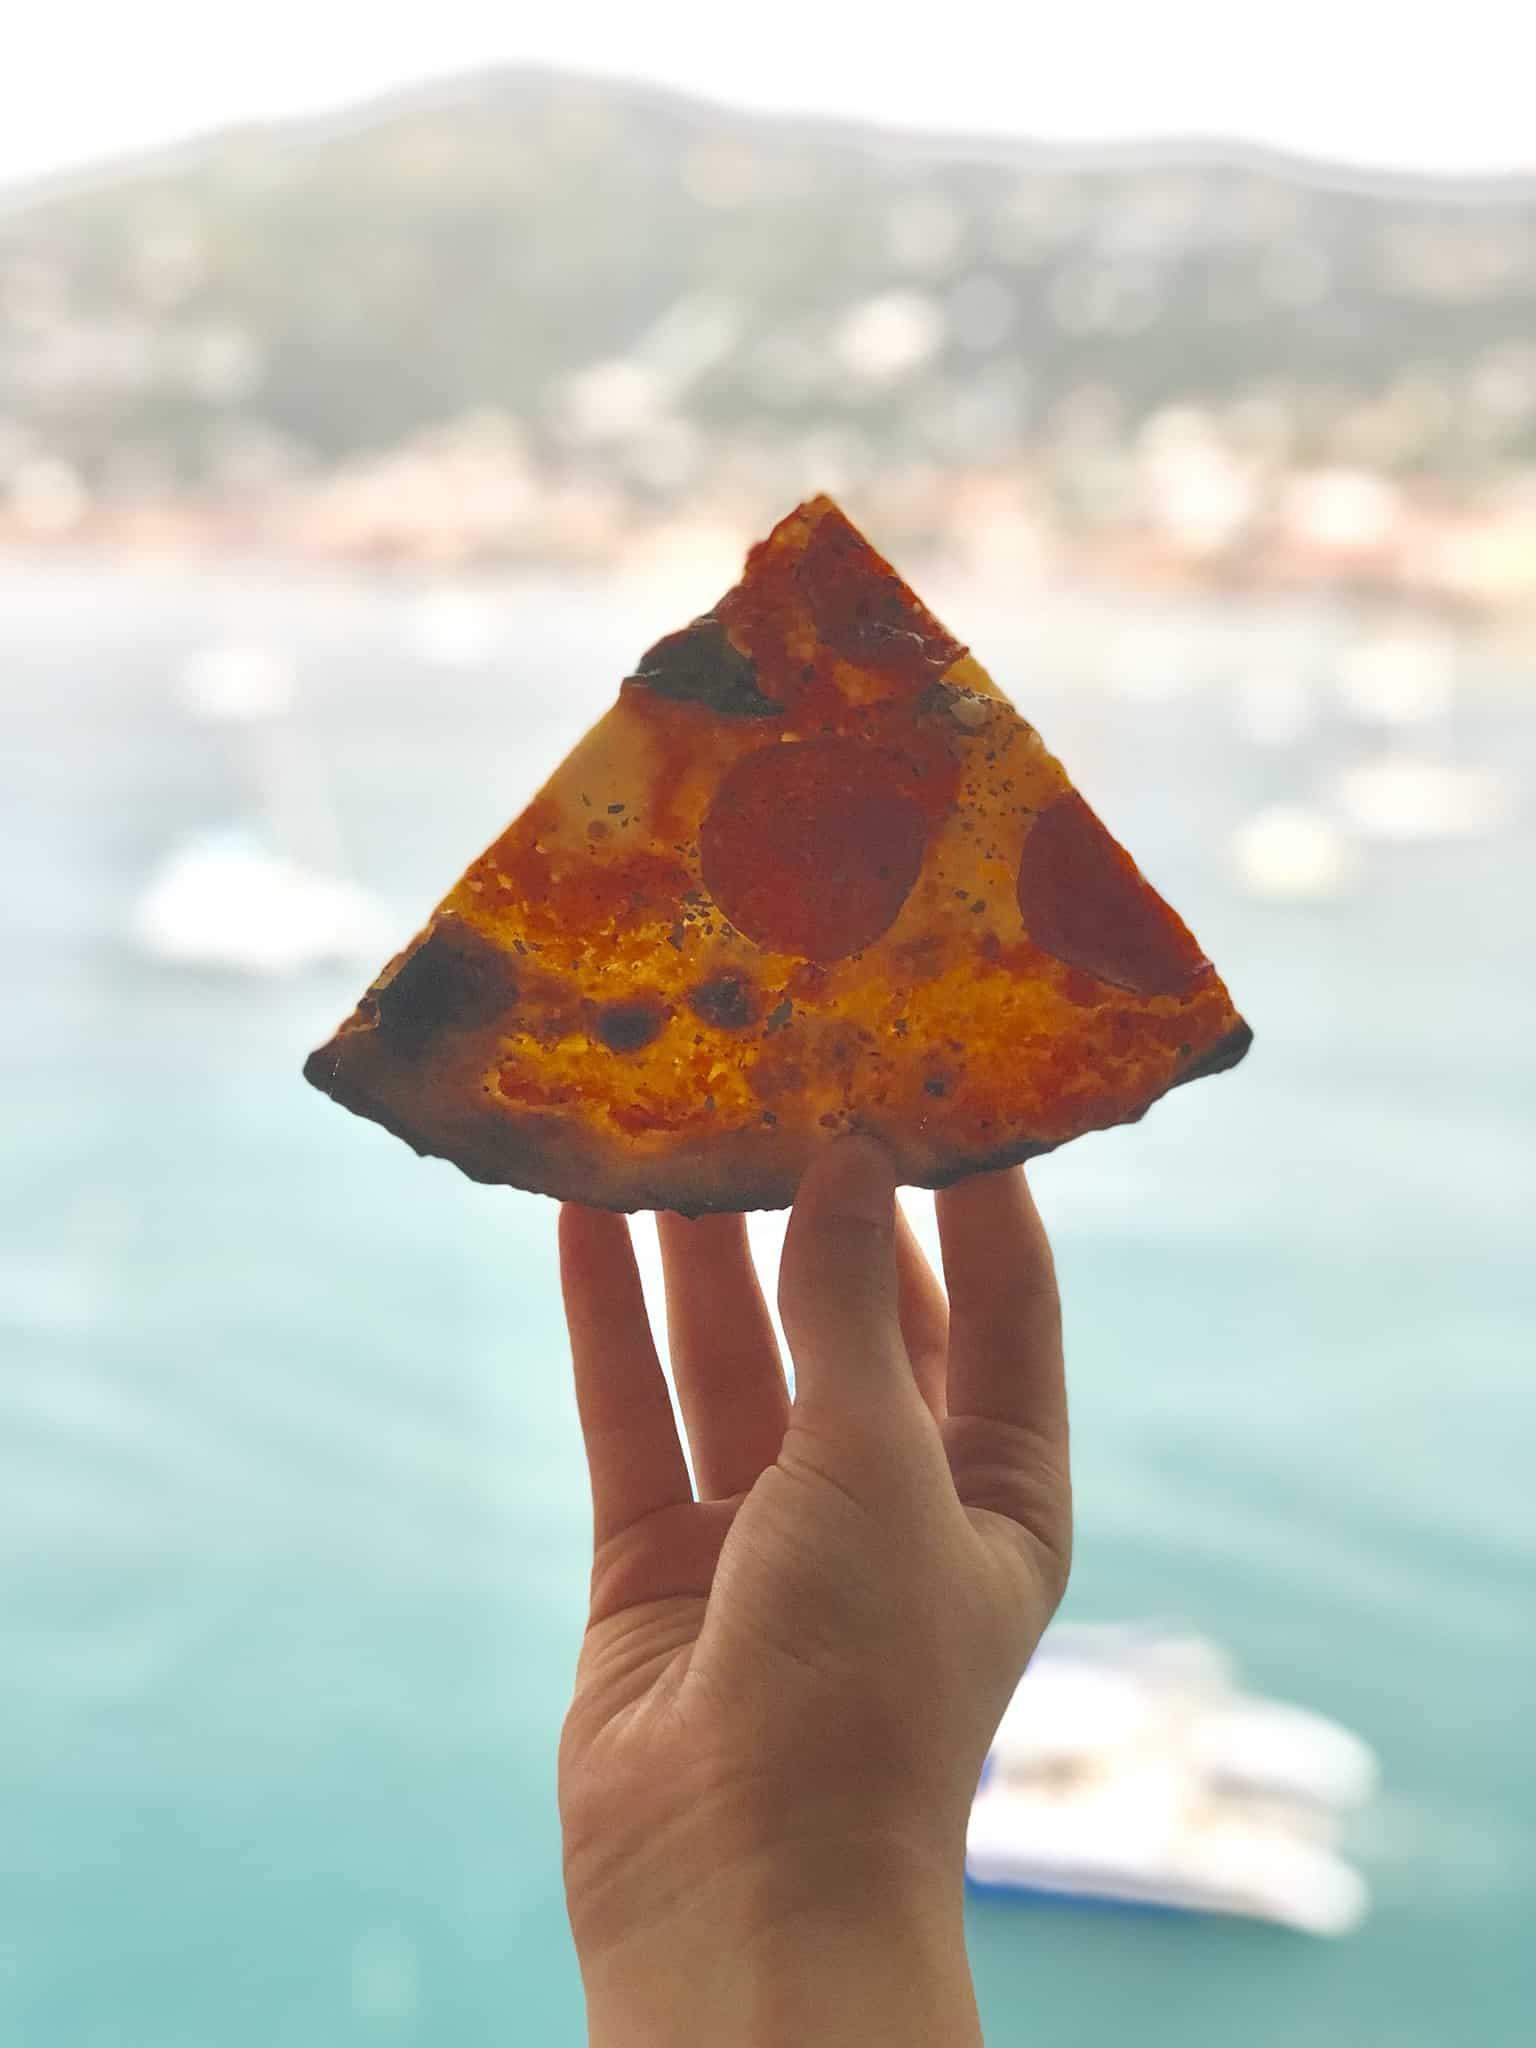 pizza being held against ocean